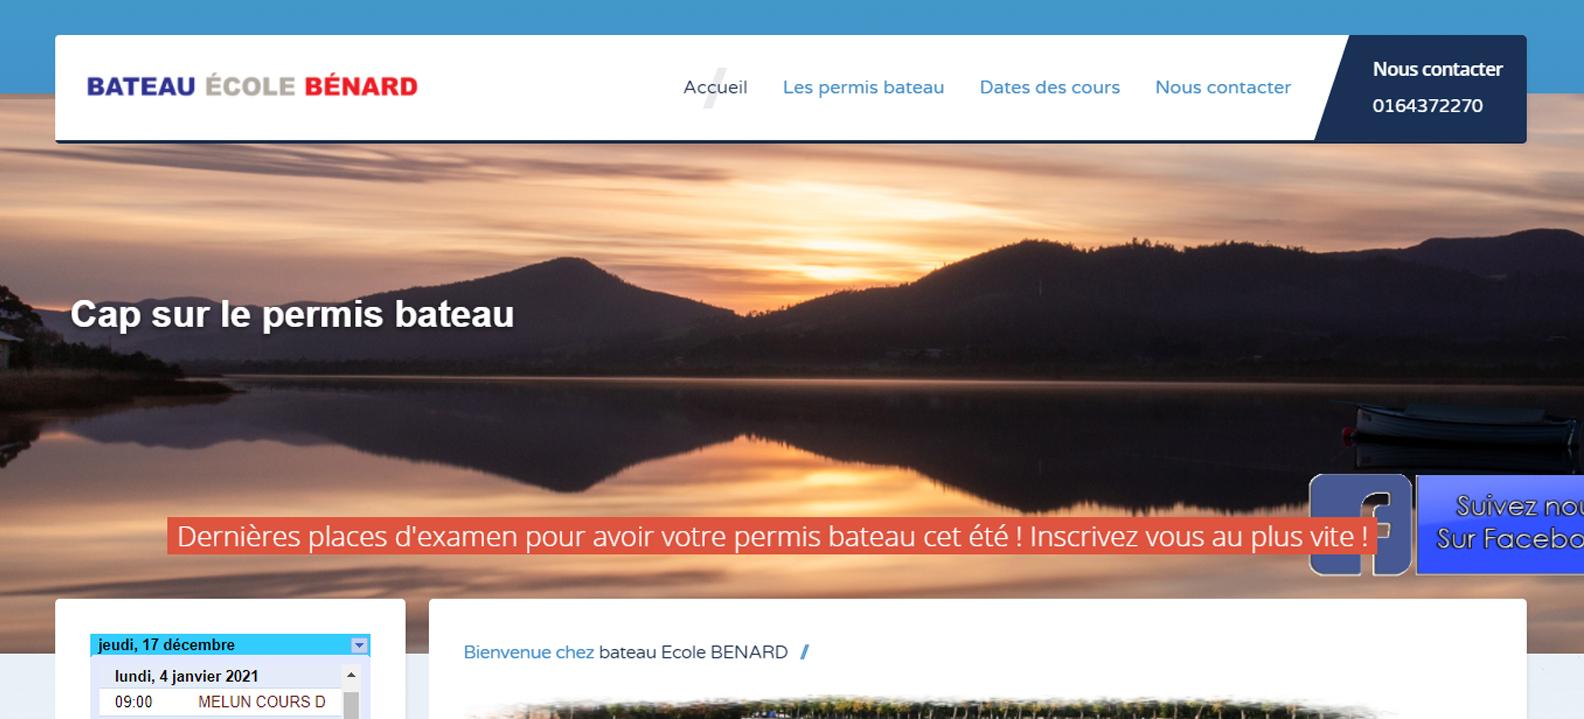 Site internet Bateau école Benard